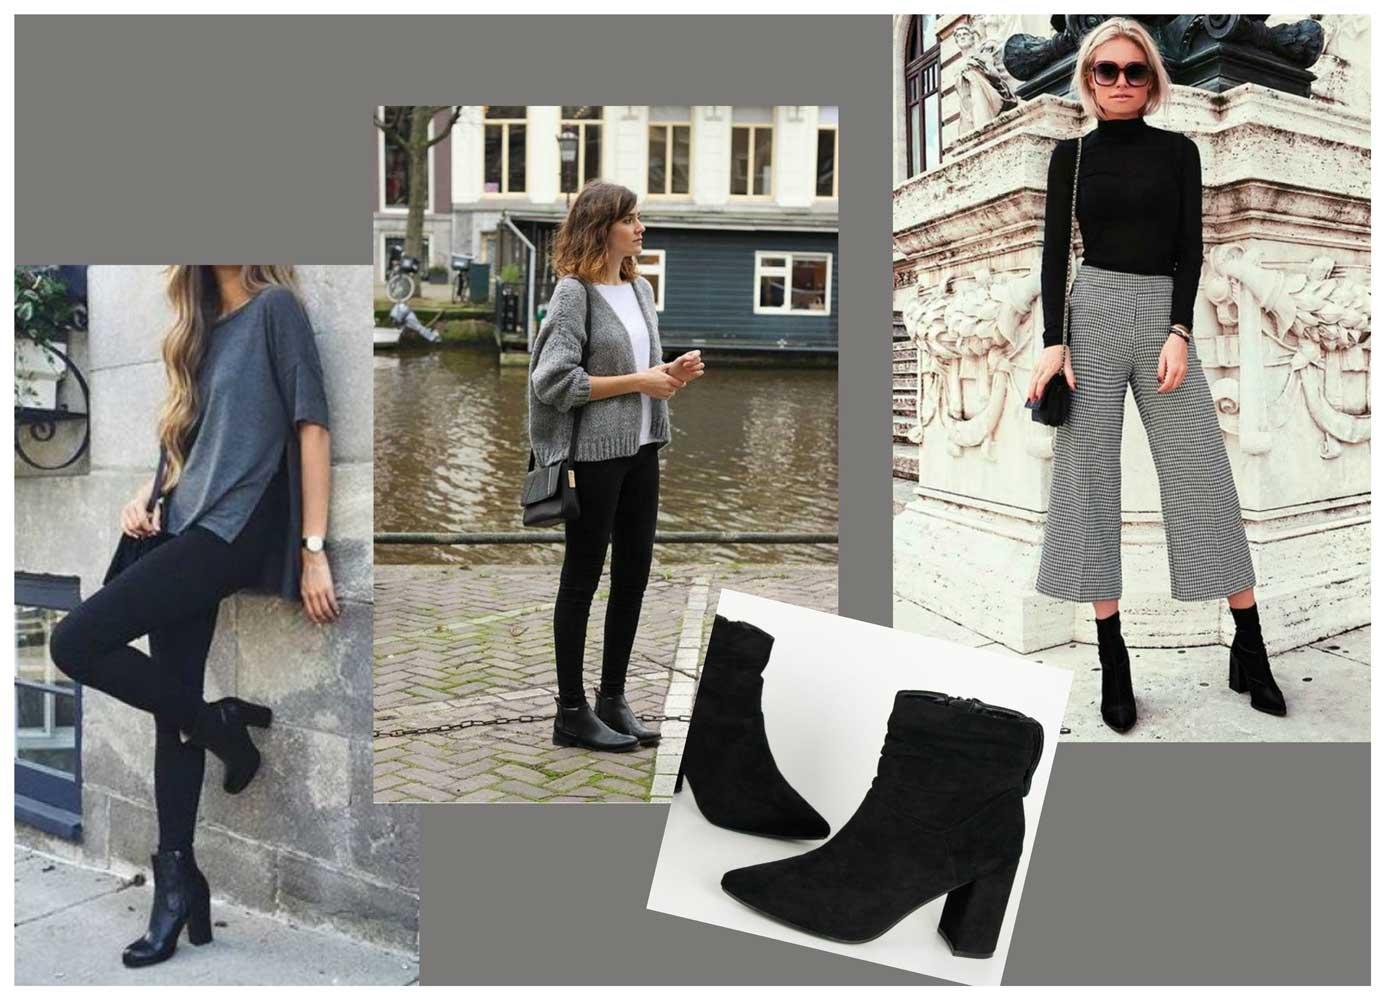 Trend Alert: Φόρεσε μποτάκια γυναικεία σε όλες σου τις εξόδους